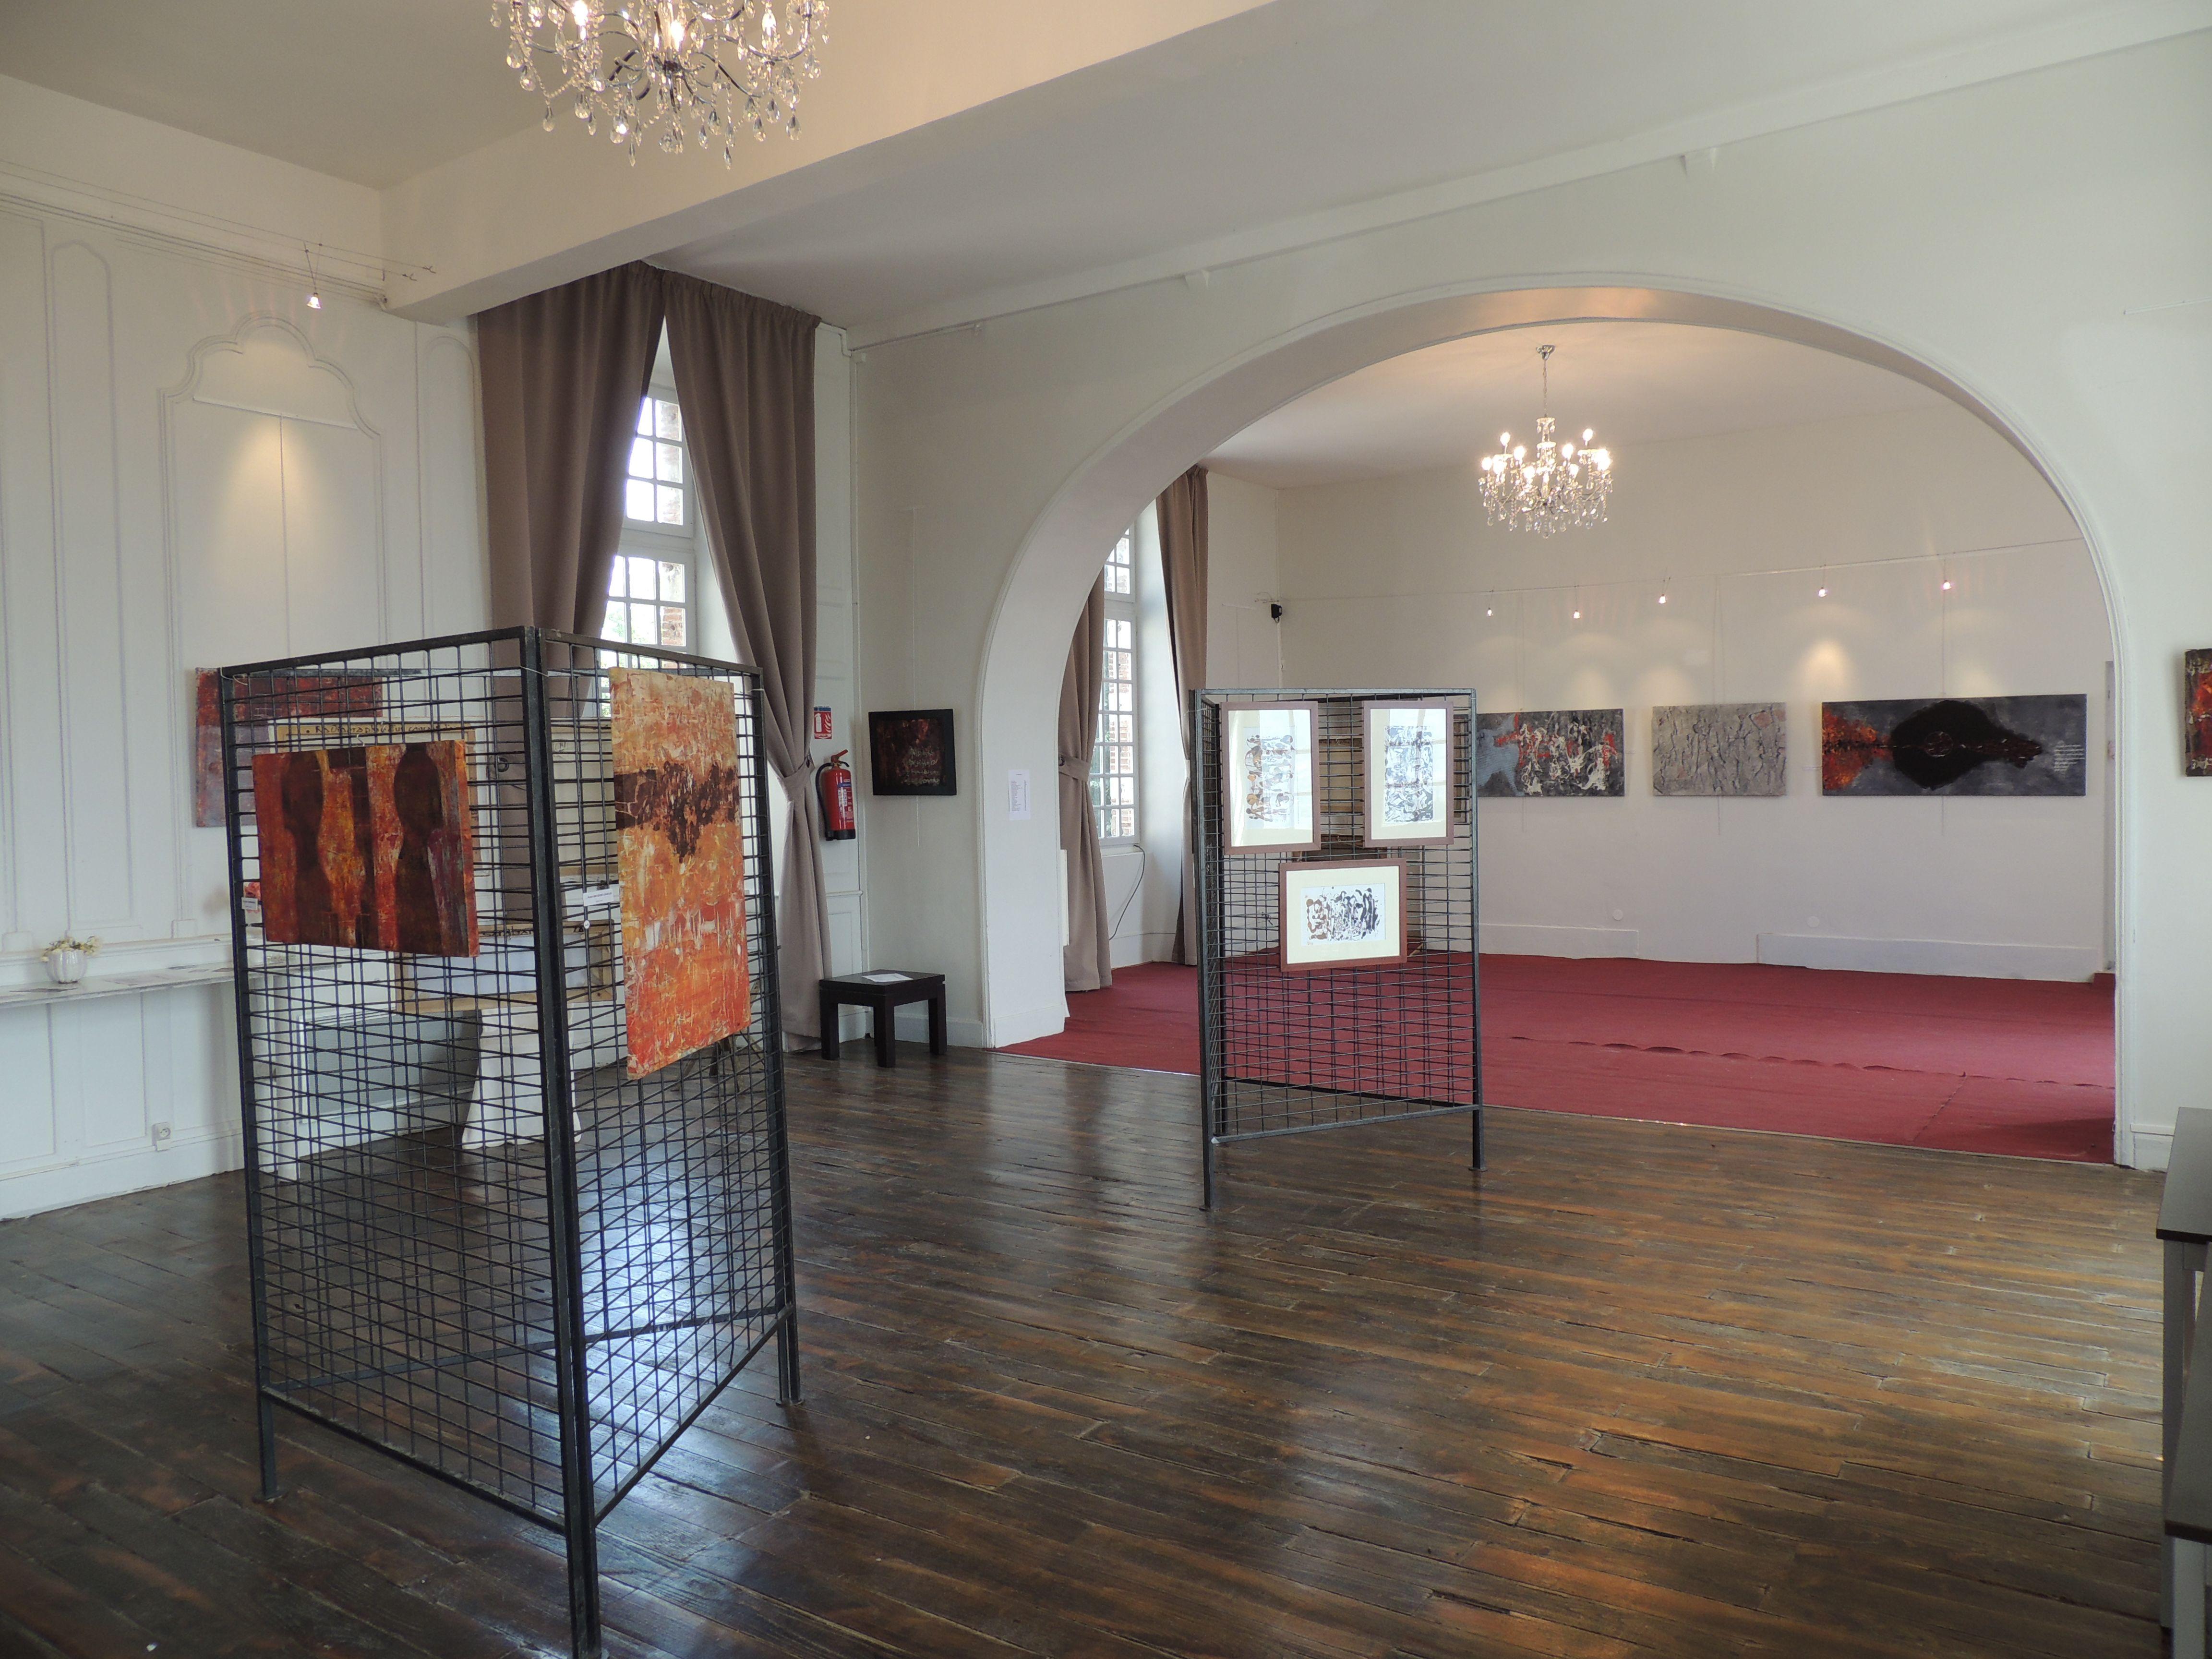 exposition-palais-des-eveques-2013-savi-peinture